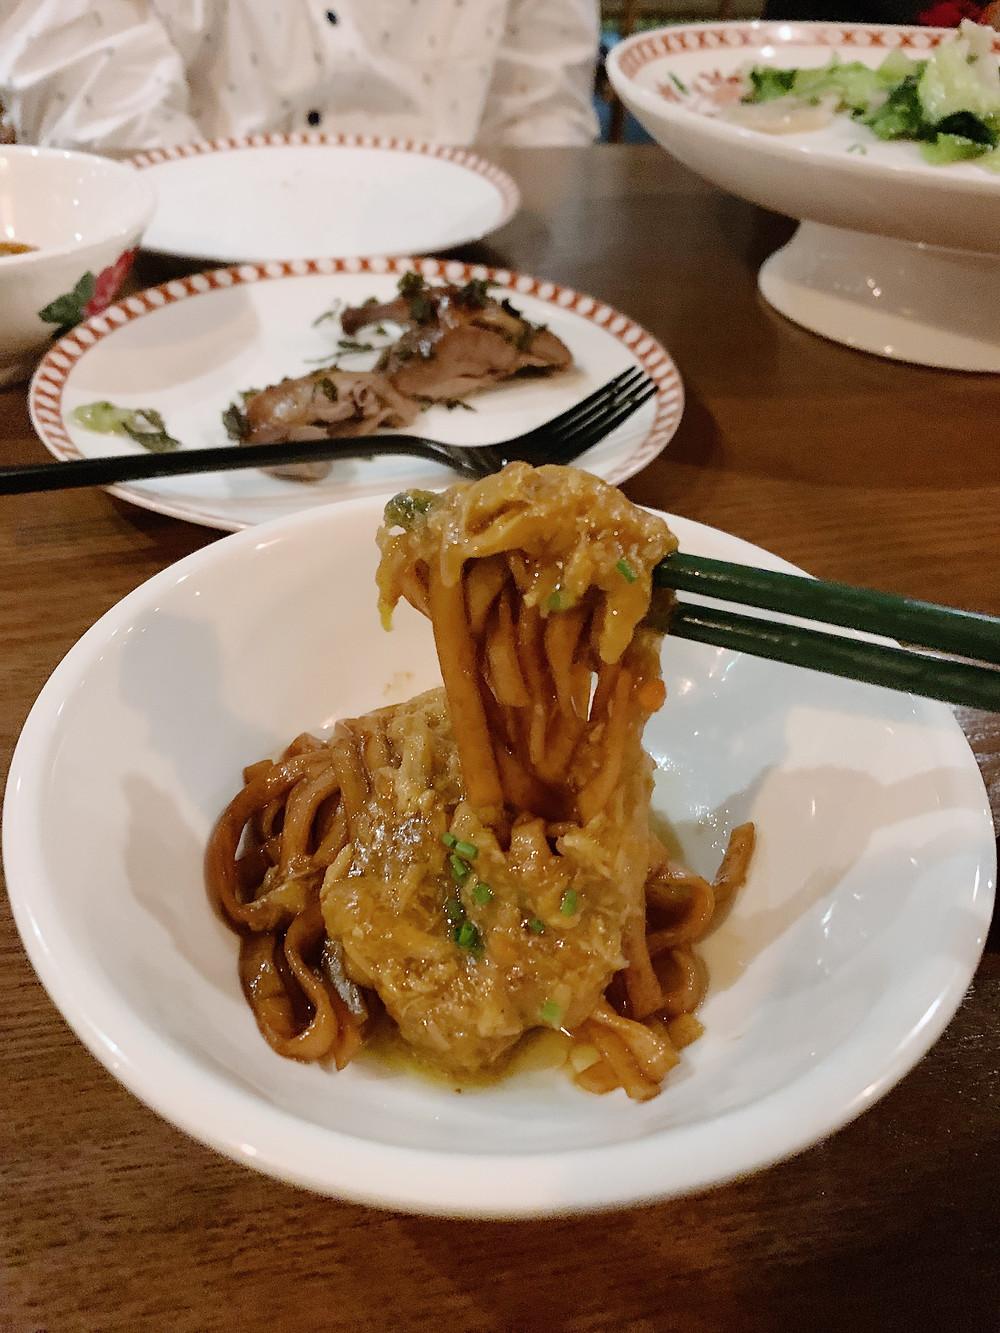 Food at Old Bailey restaurant in Hong Kong